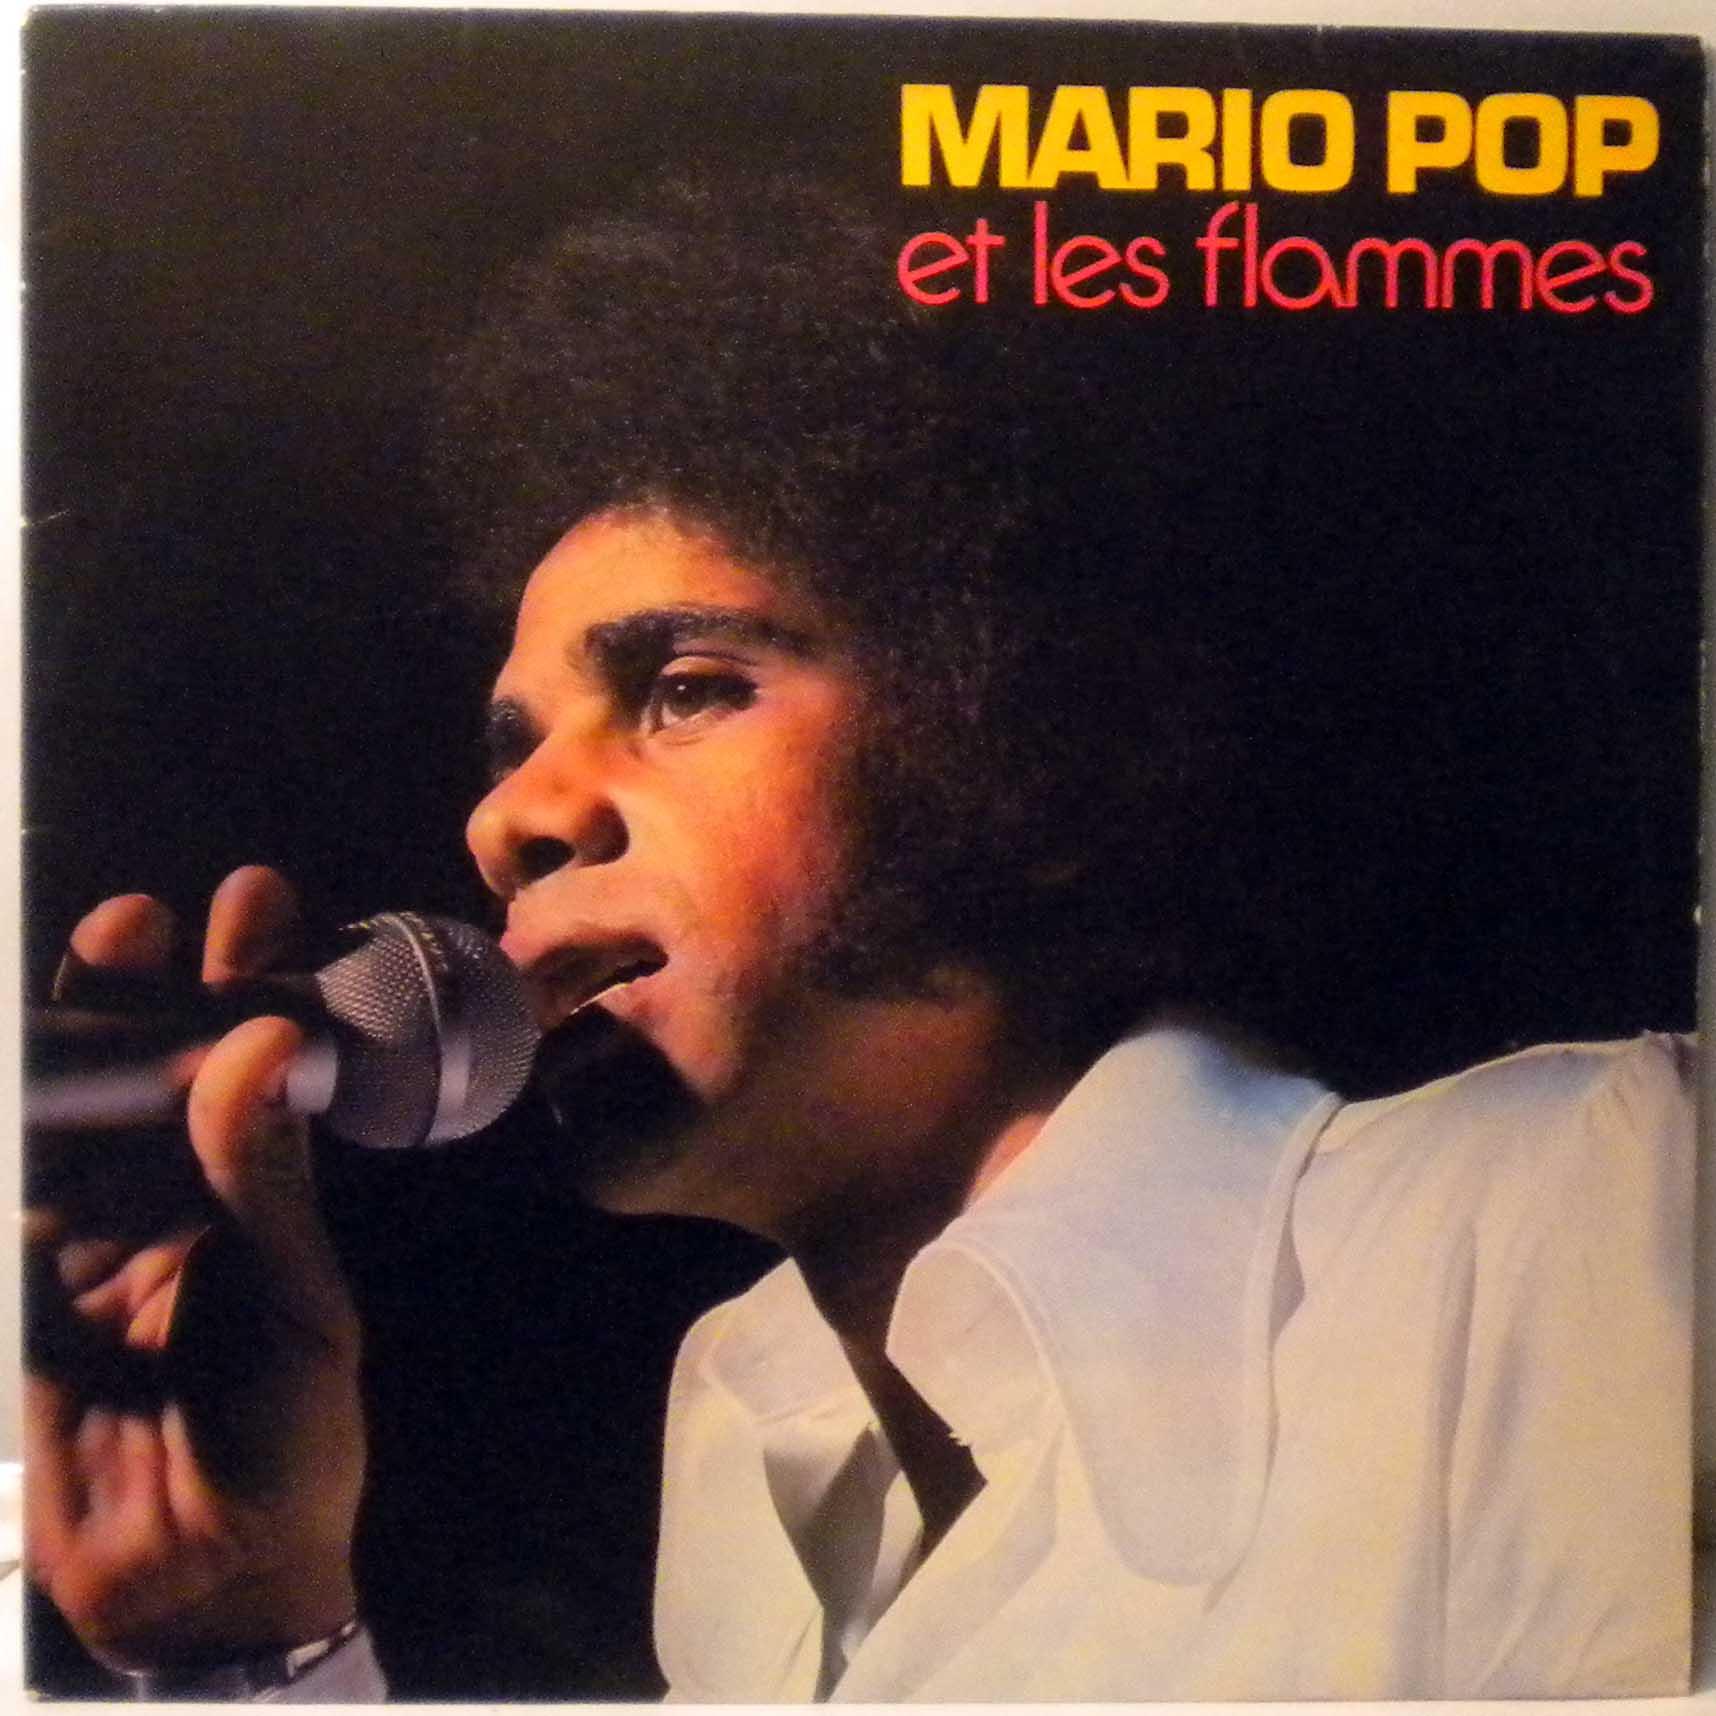 MARIO POP ET LES FLAMMES - Same - LP